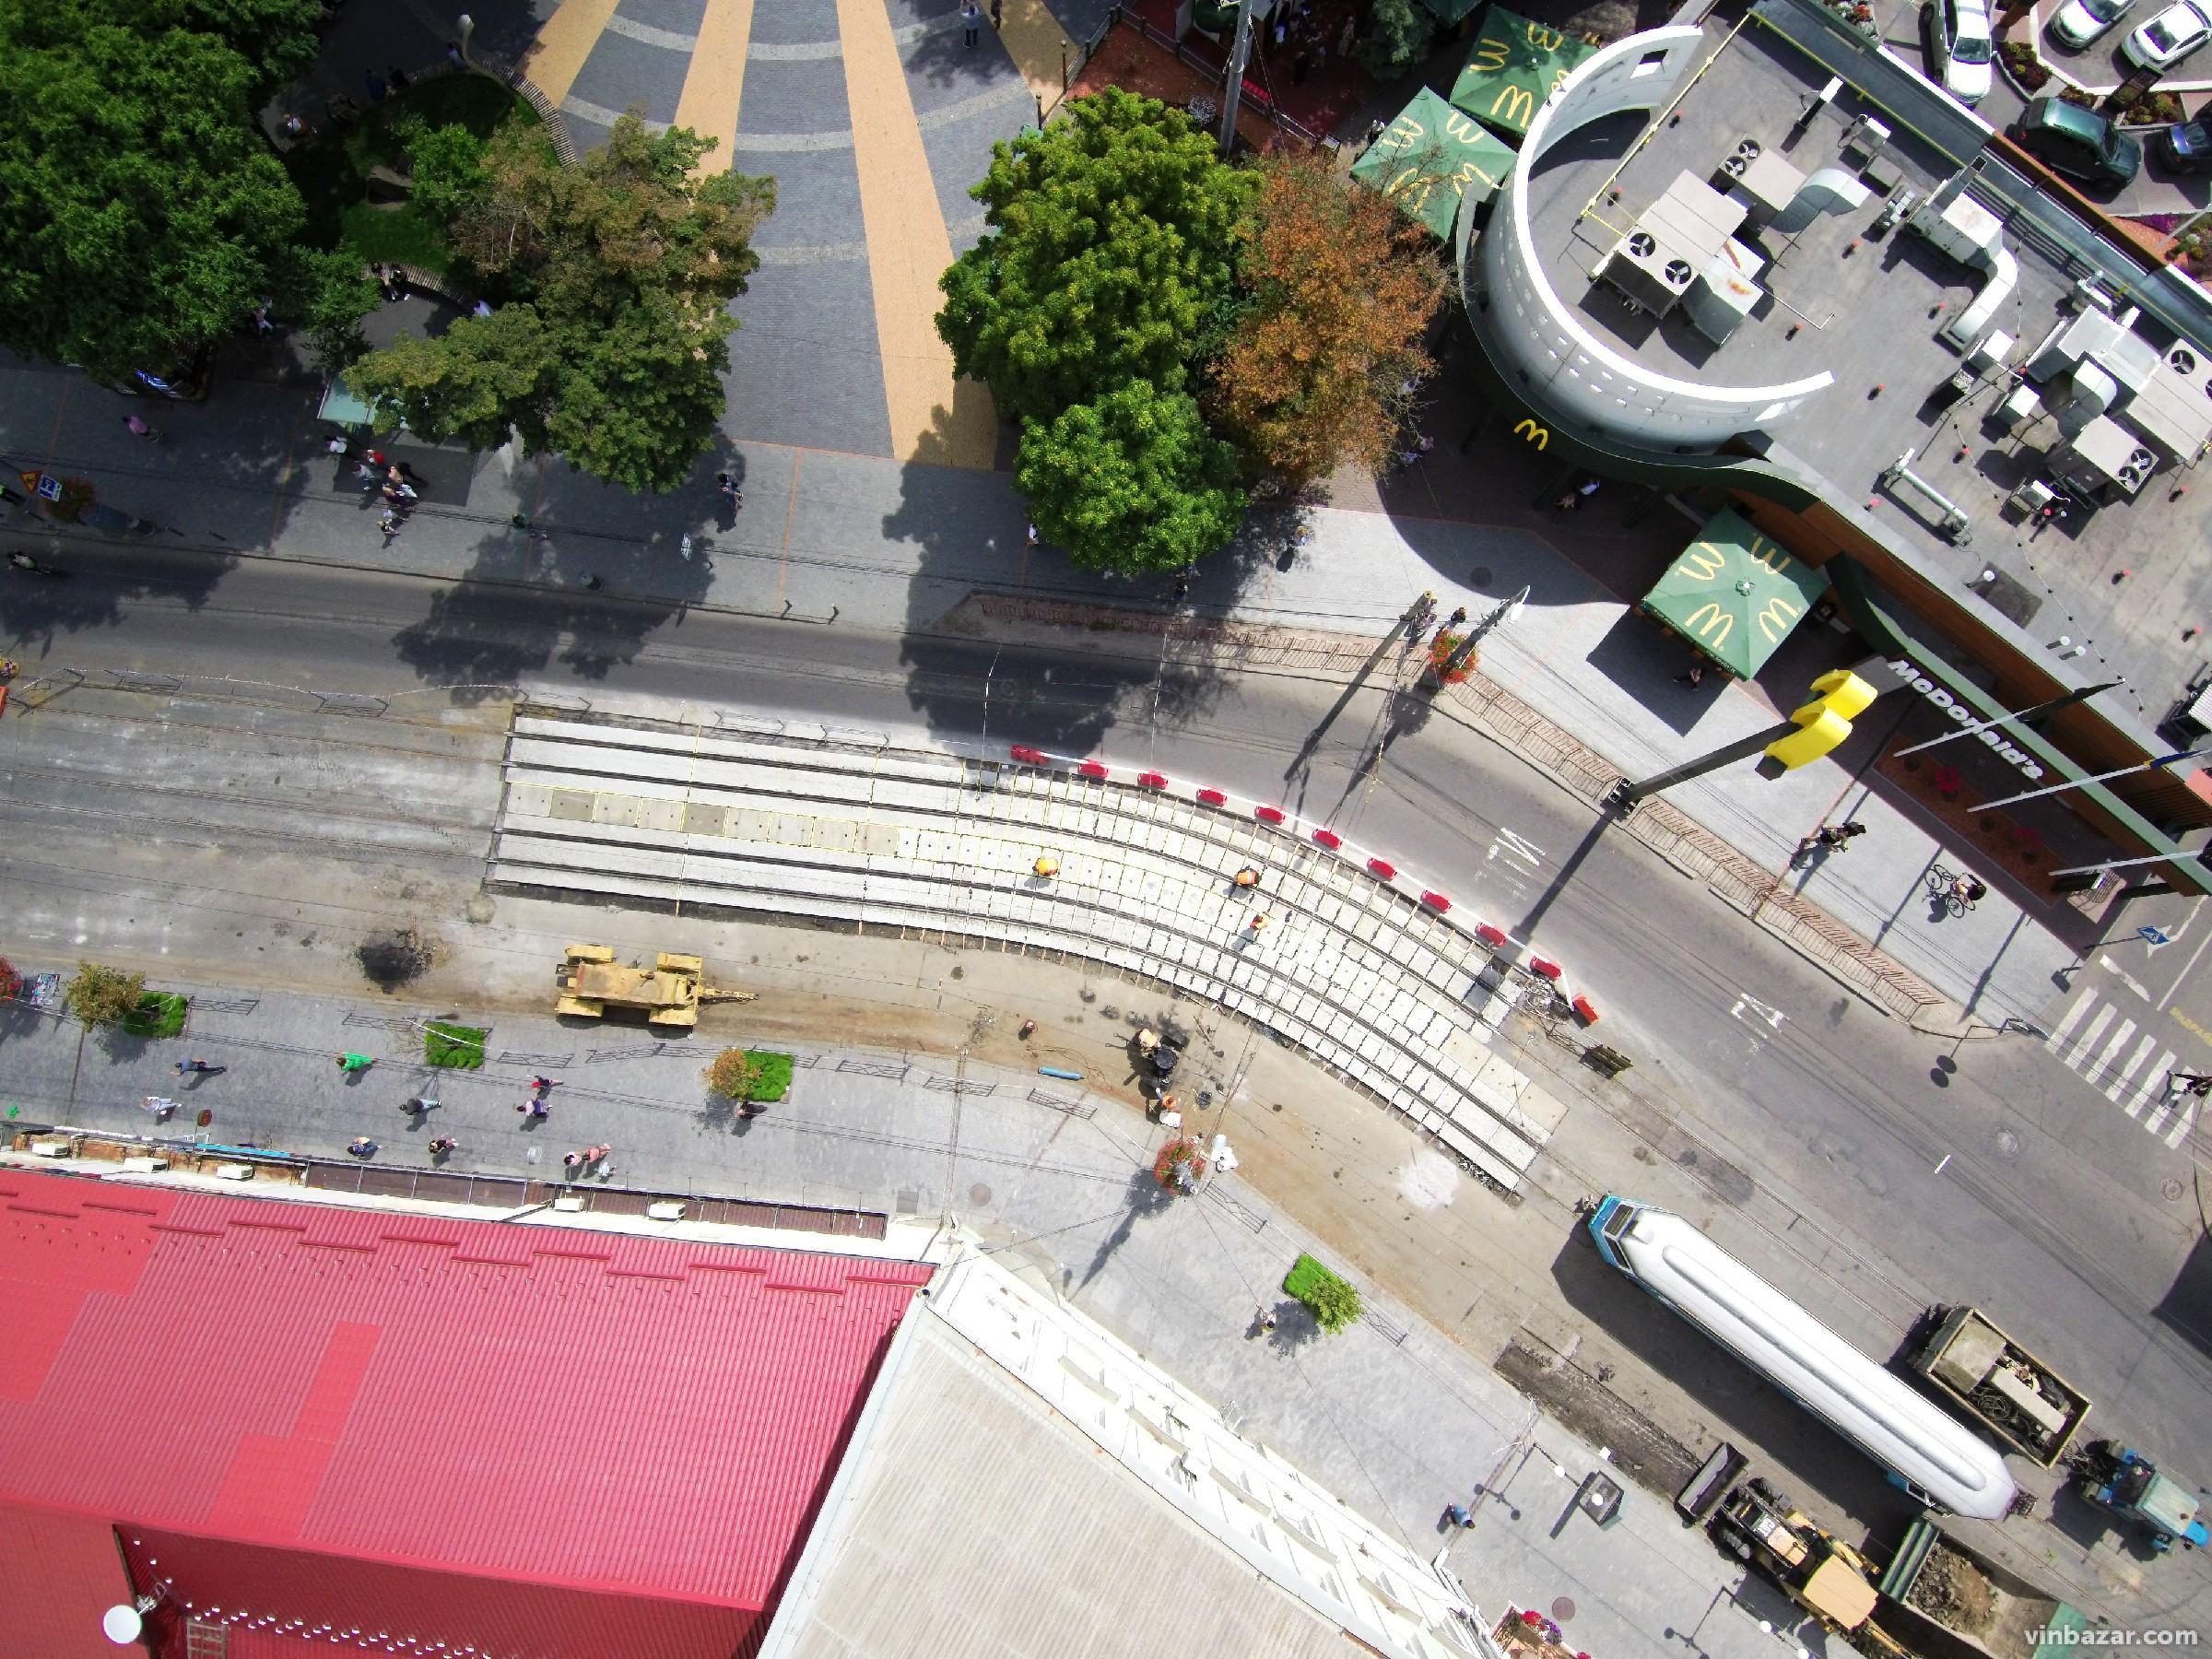 Ремонт колій біля McDonald's завершують. А від обіцяних реконструкцій на Соборній відмовилися (Фото)